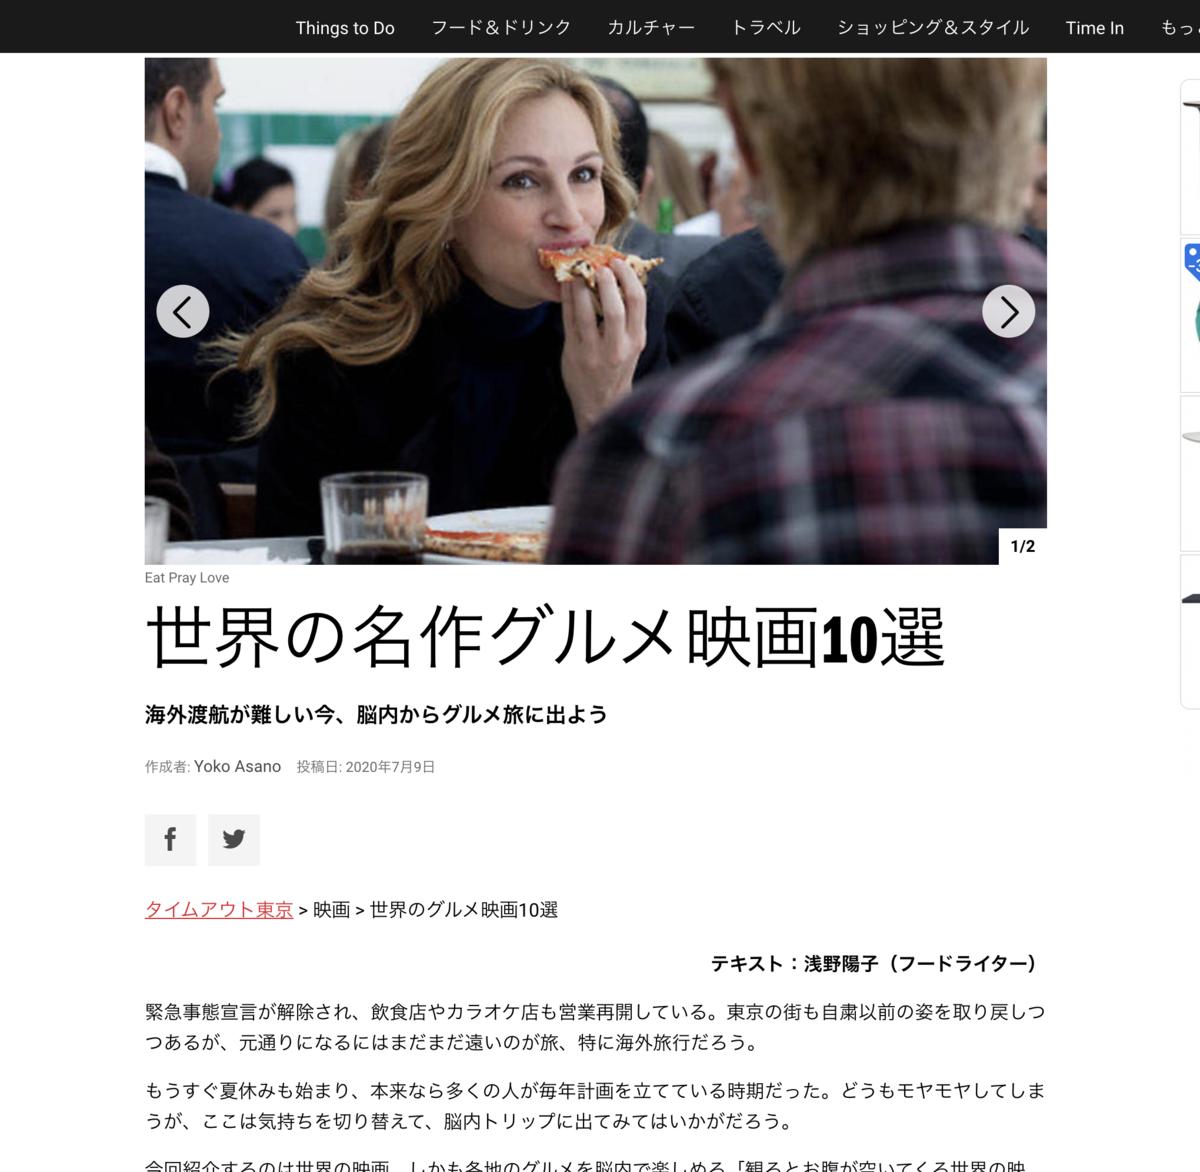 タイムアウト東京 世界のグルメ映画